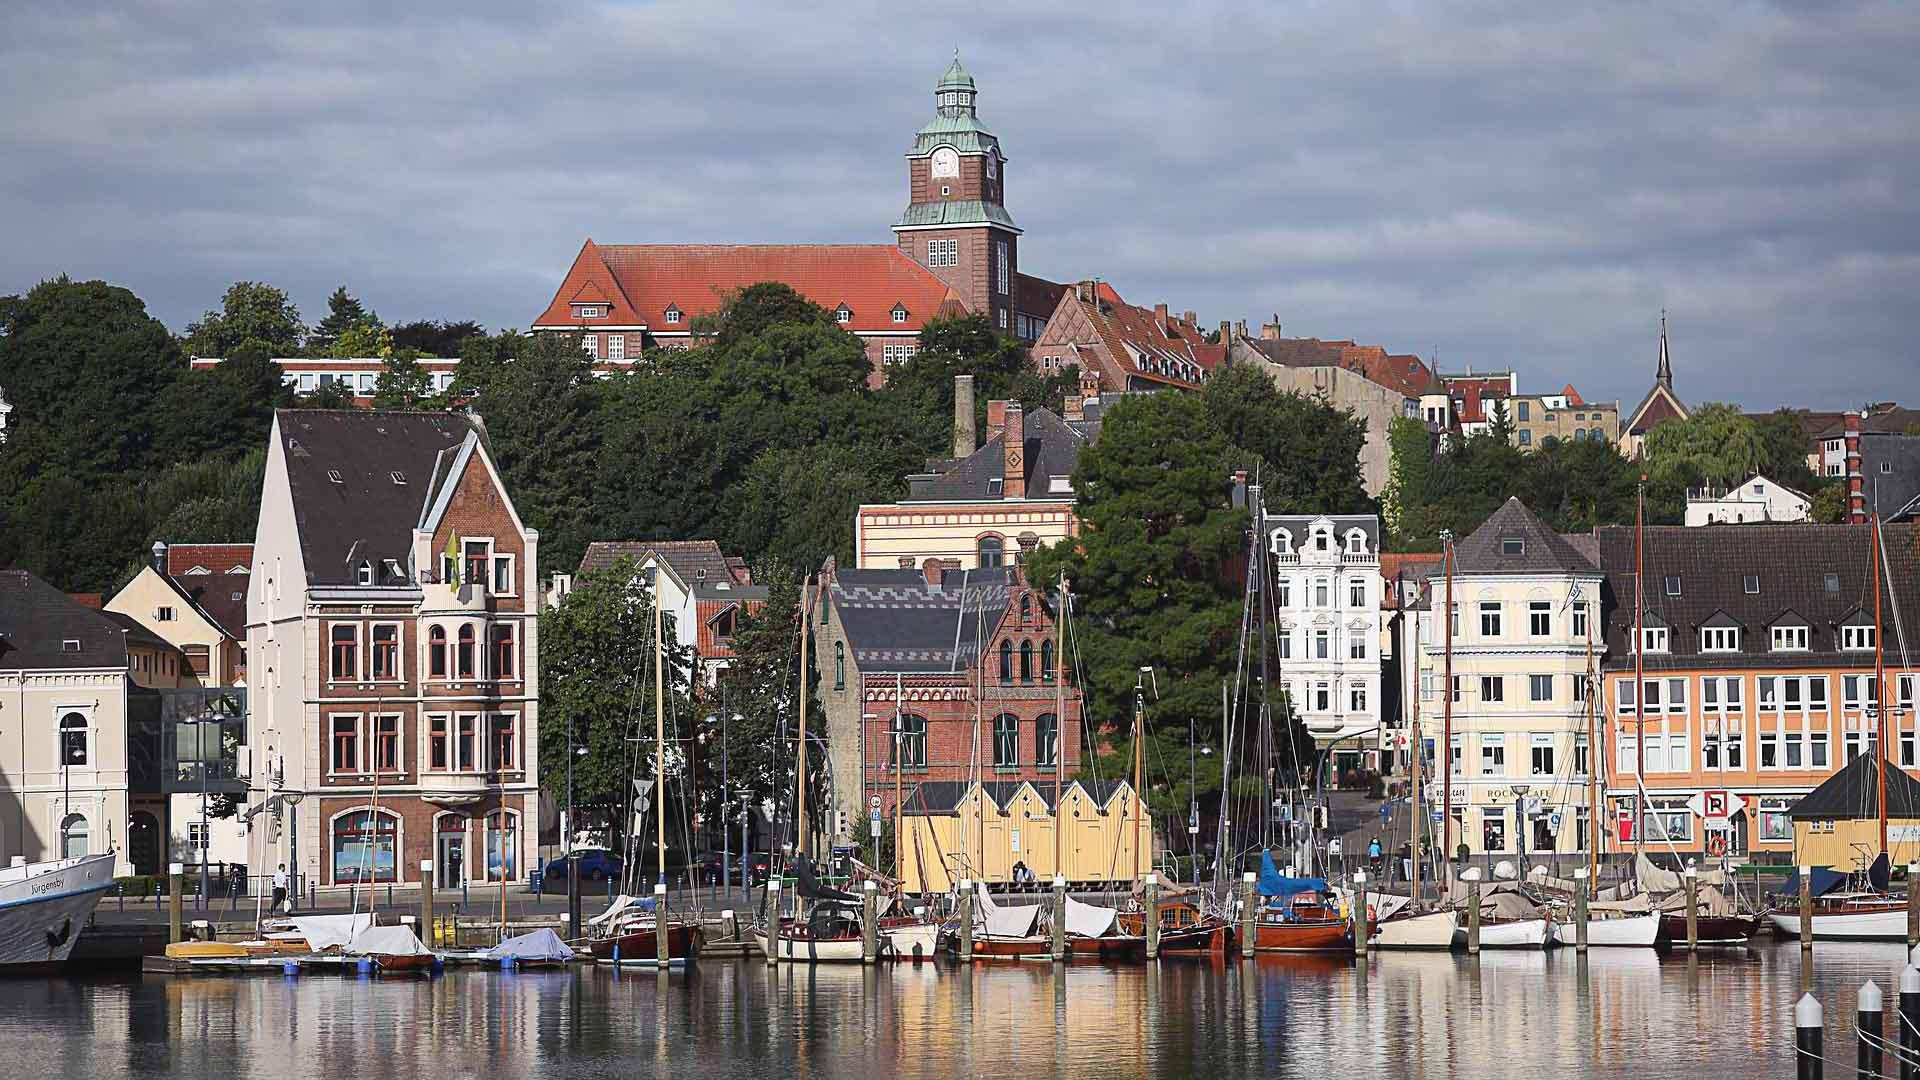 De fietsvakantie op de Ostseeradweg begint in Flensburg in  Schleswig-Holstein.